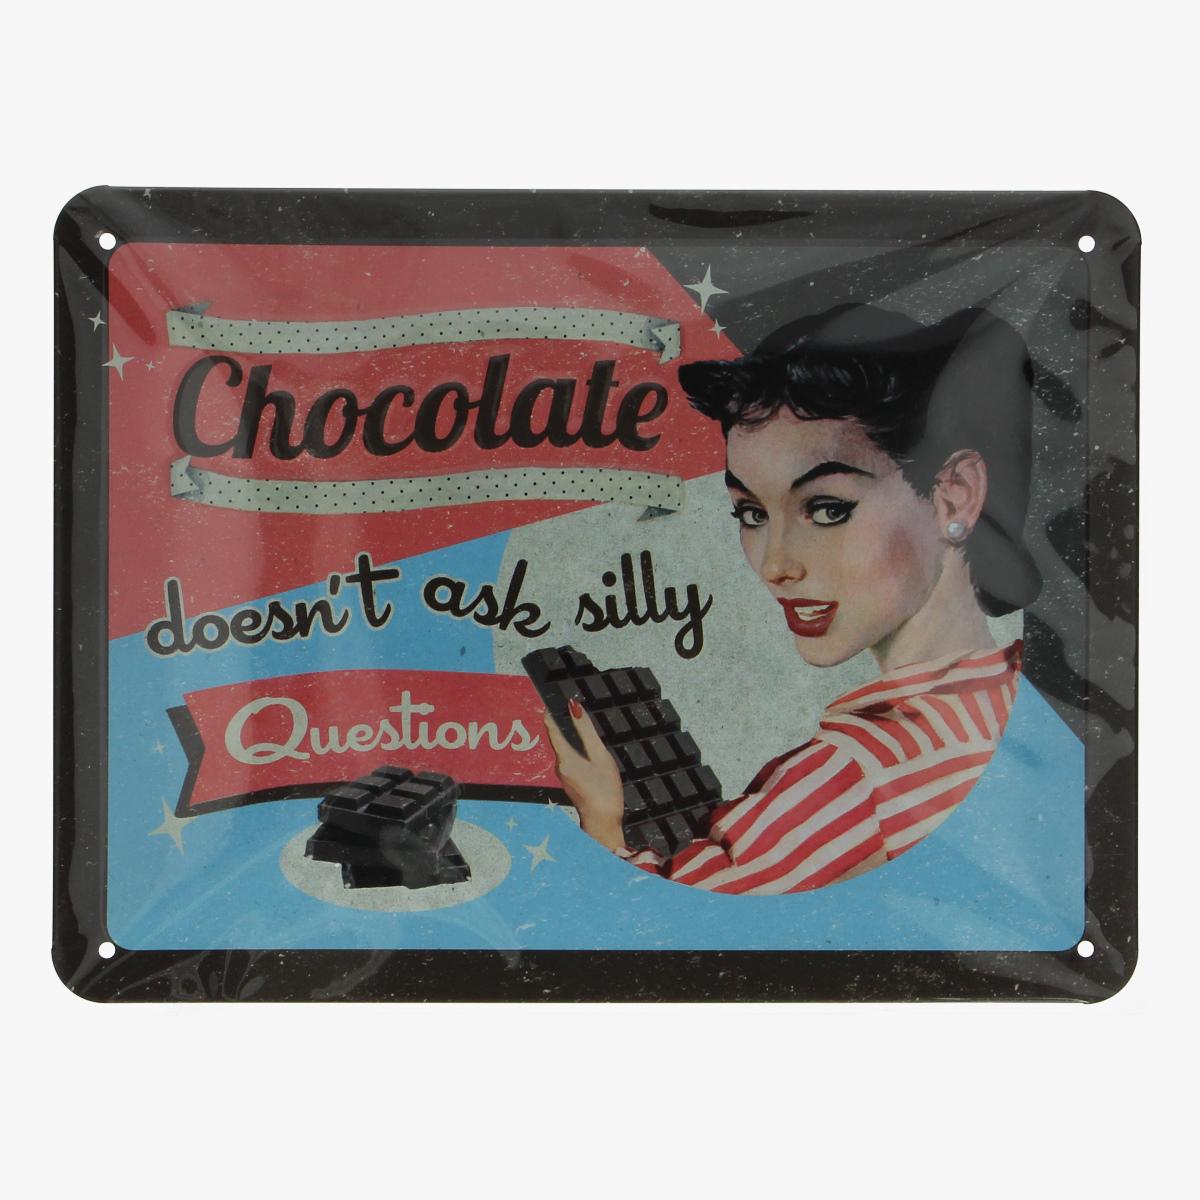 Afbeeldingen van blikken bordje chocolate doesn't ask silly questions (repro)